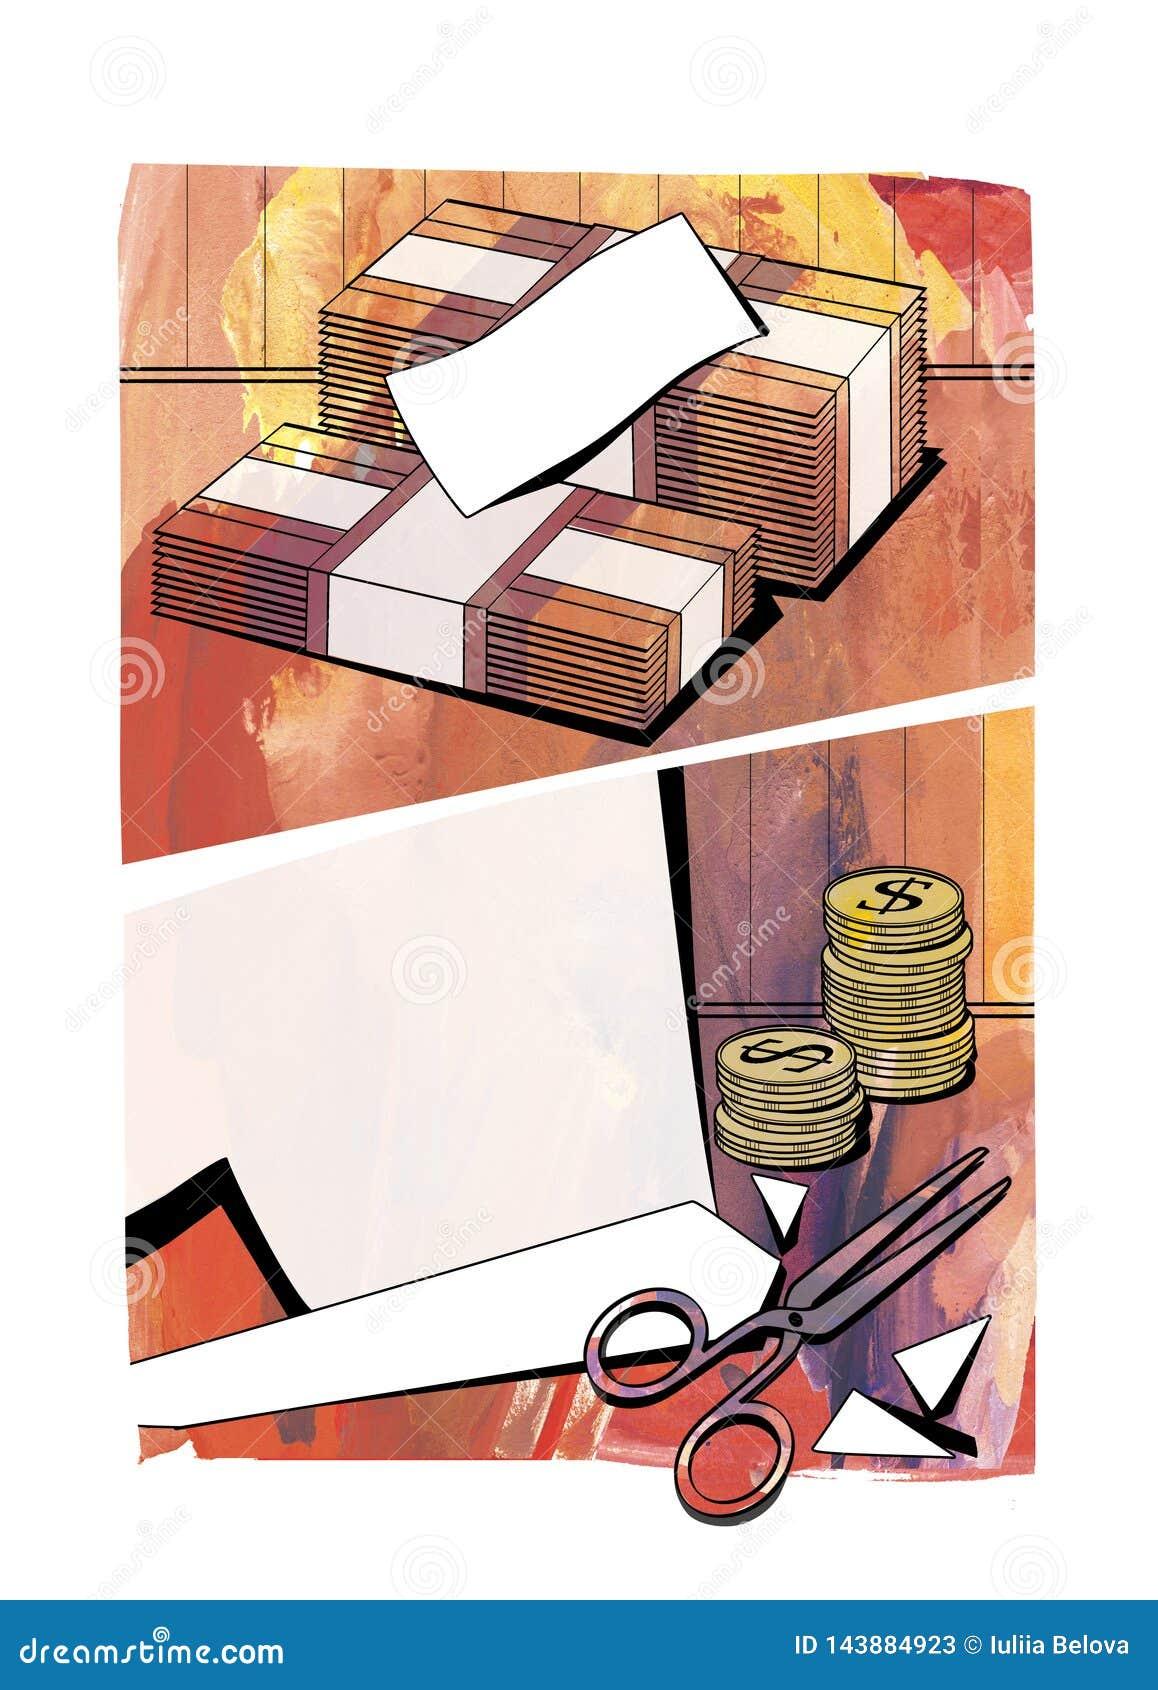 Уменьшение бюджета Бюджетные сокращения - пачки банкнот, столбцы моне